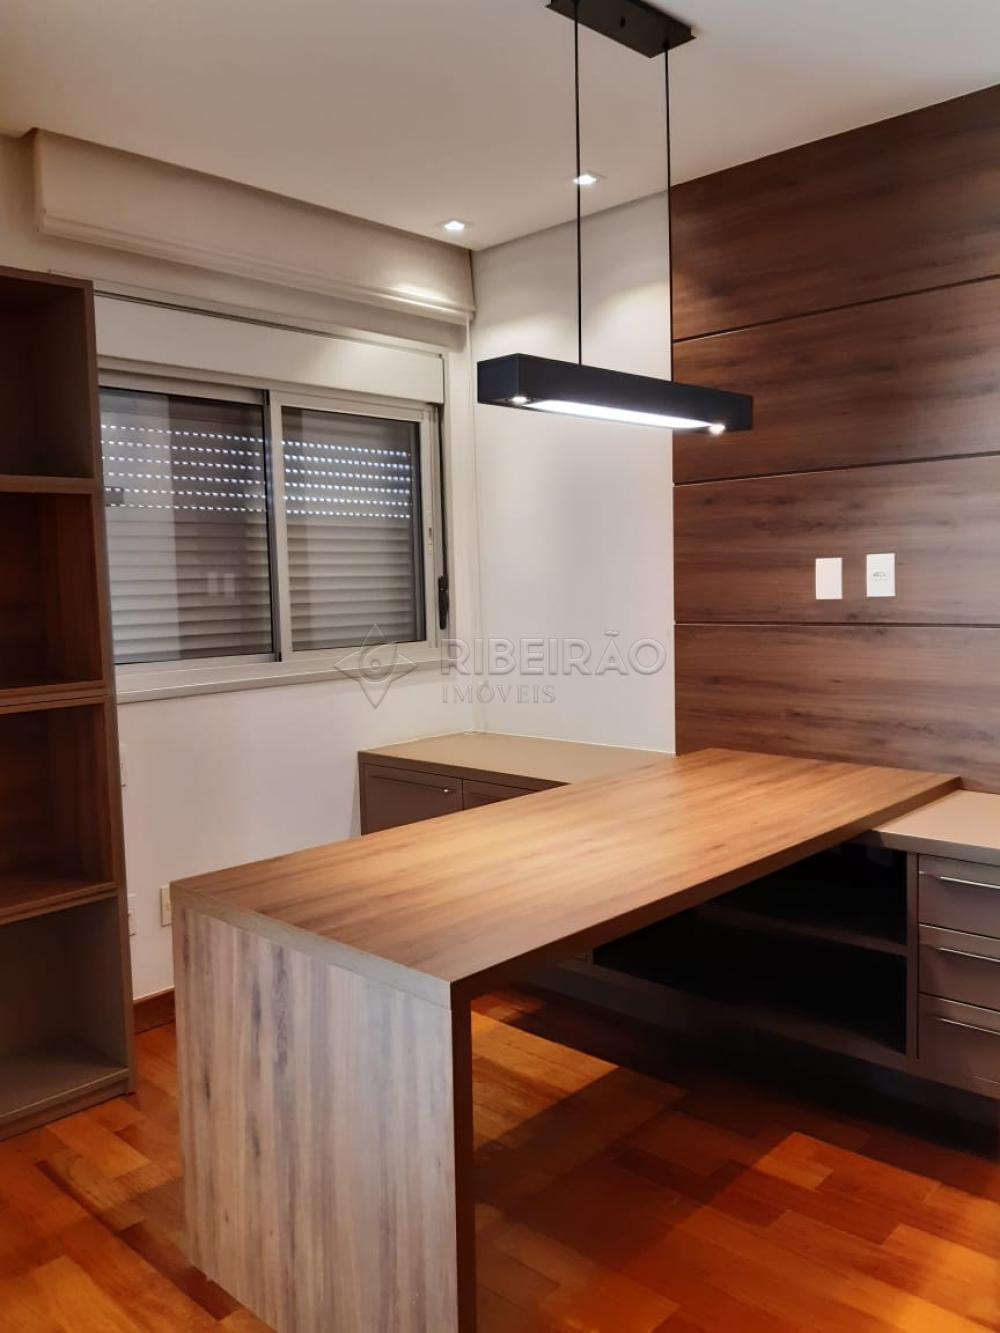 Comprar Apartamento / Cobertura em Ribeirão Preto R$ 1.900.000,00 - Foto 11